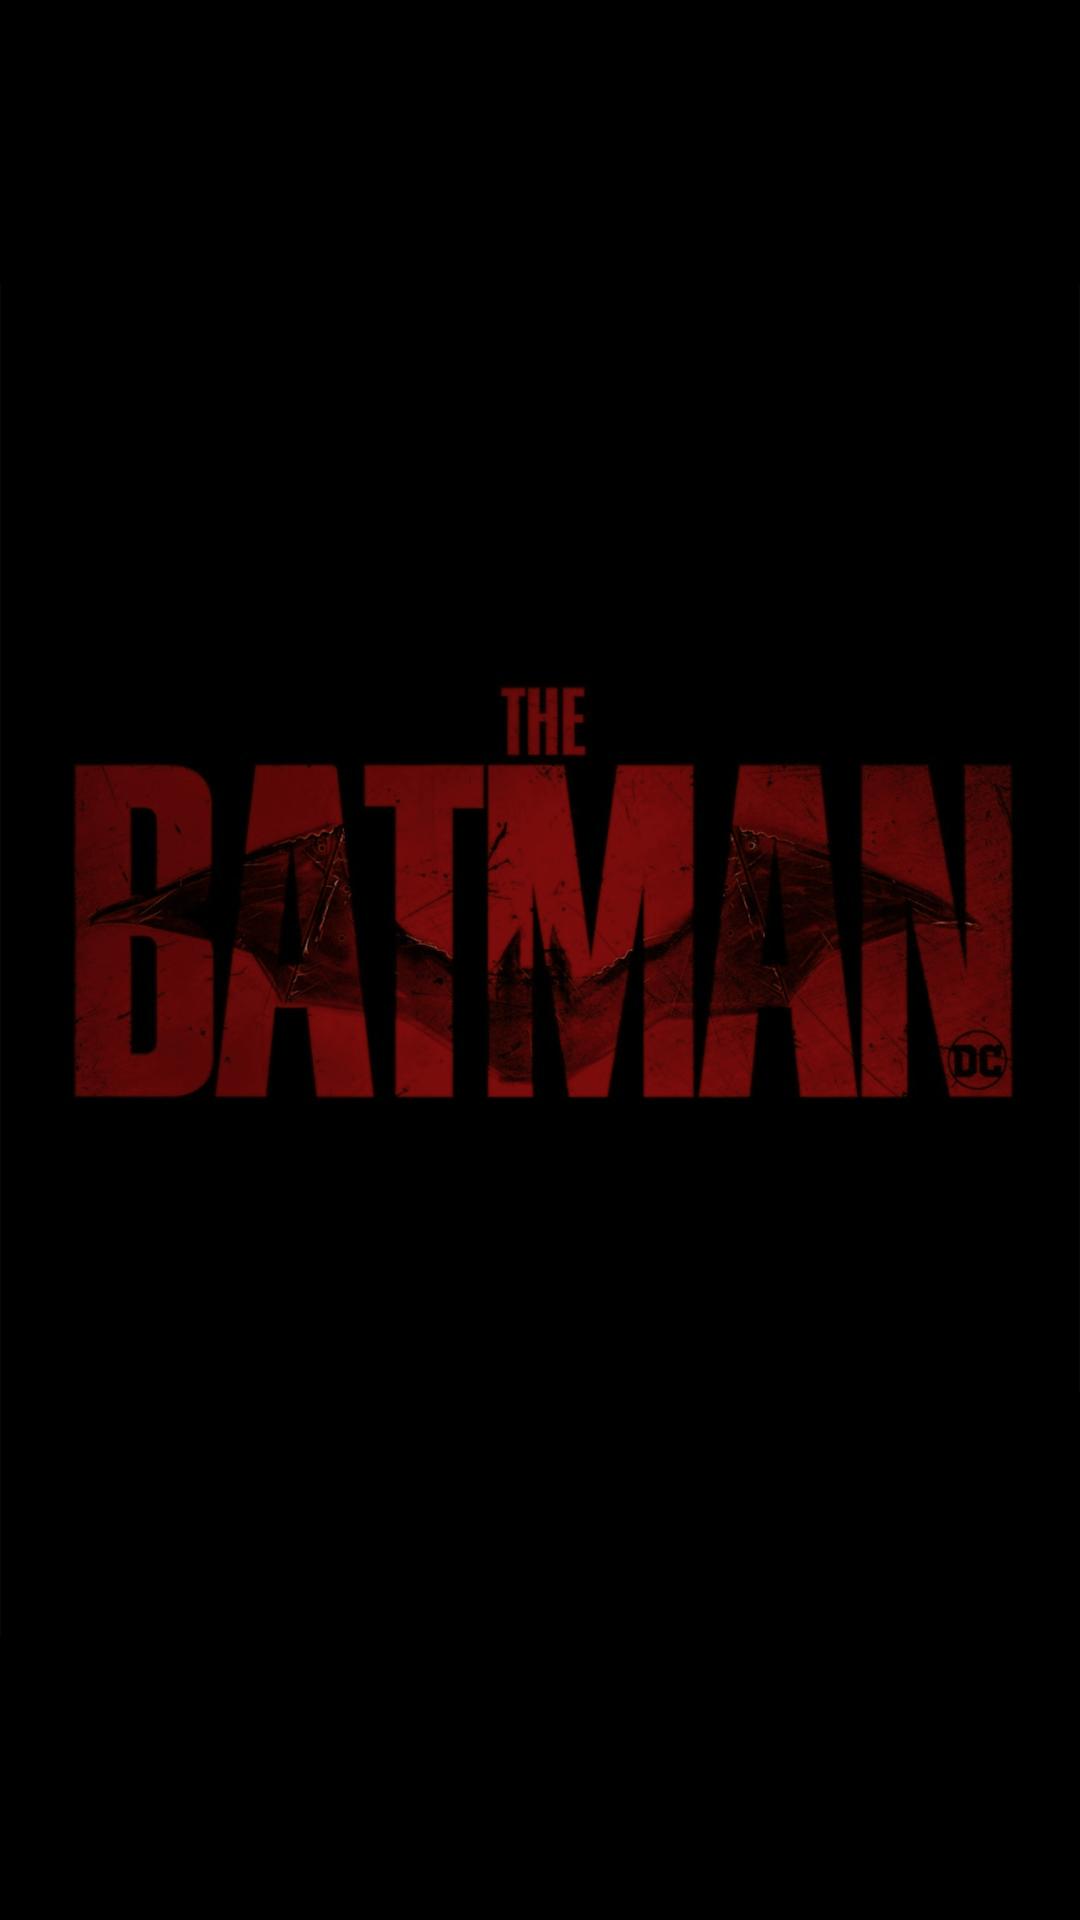 The Batman DC logo